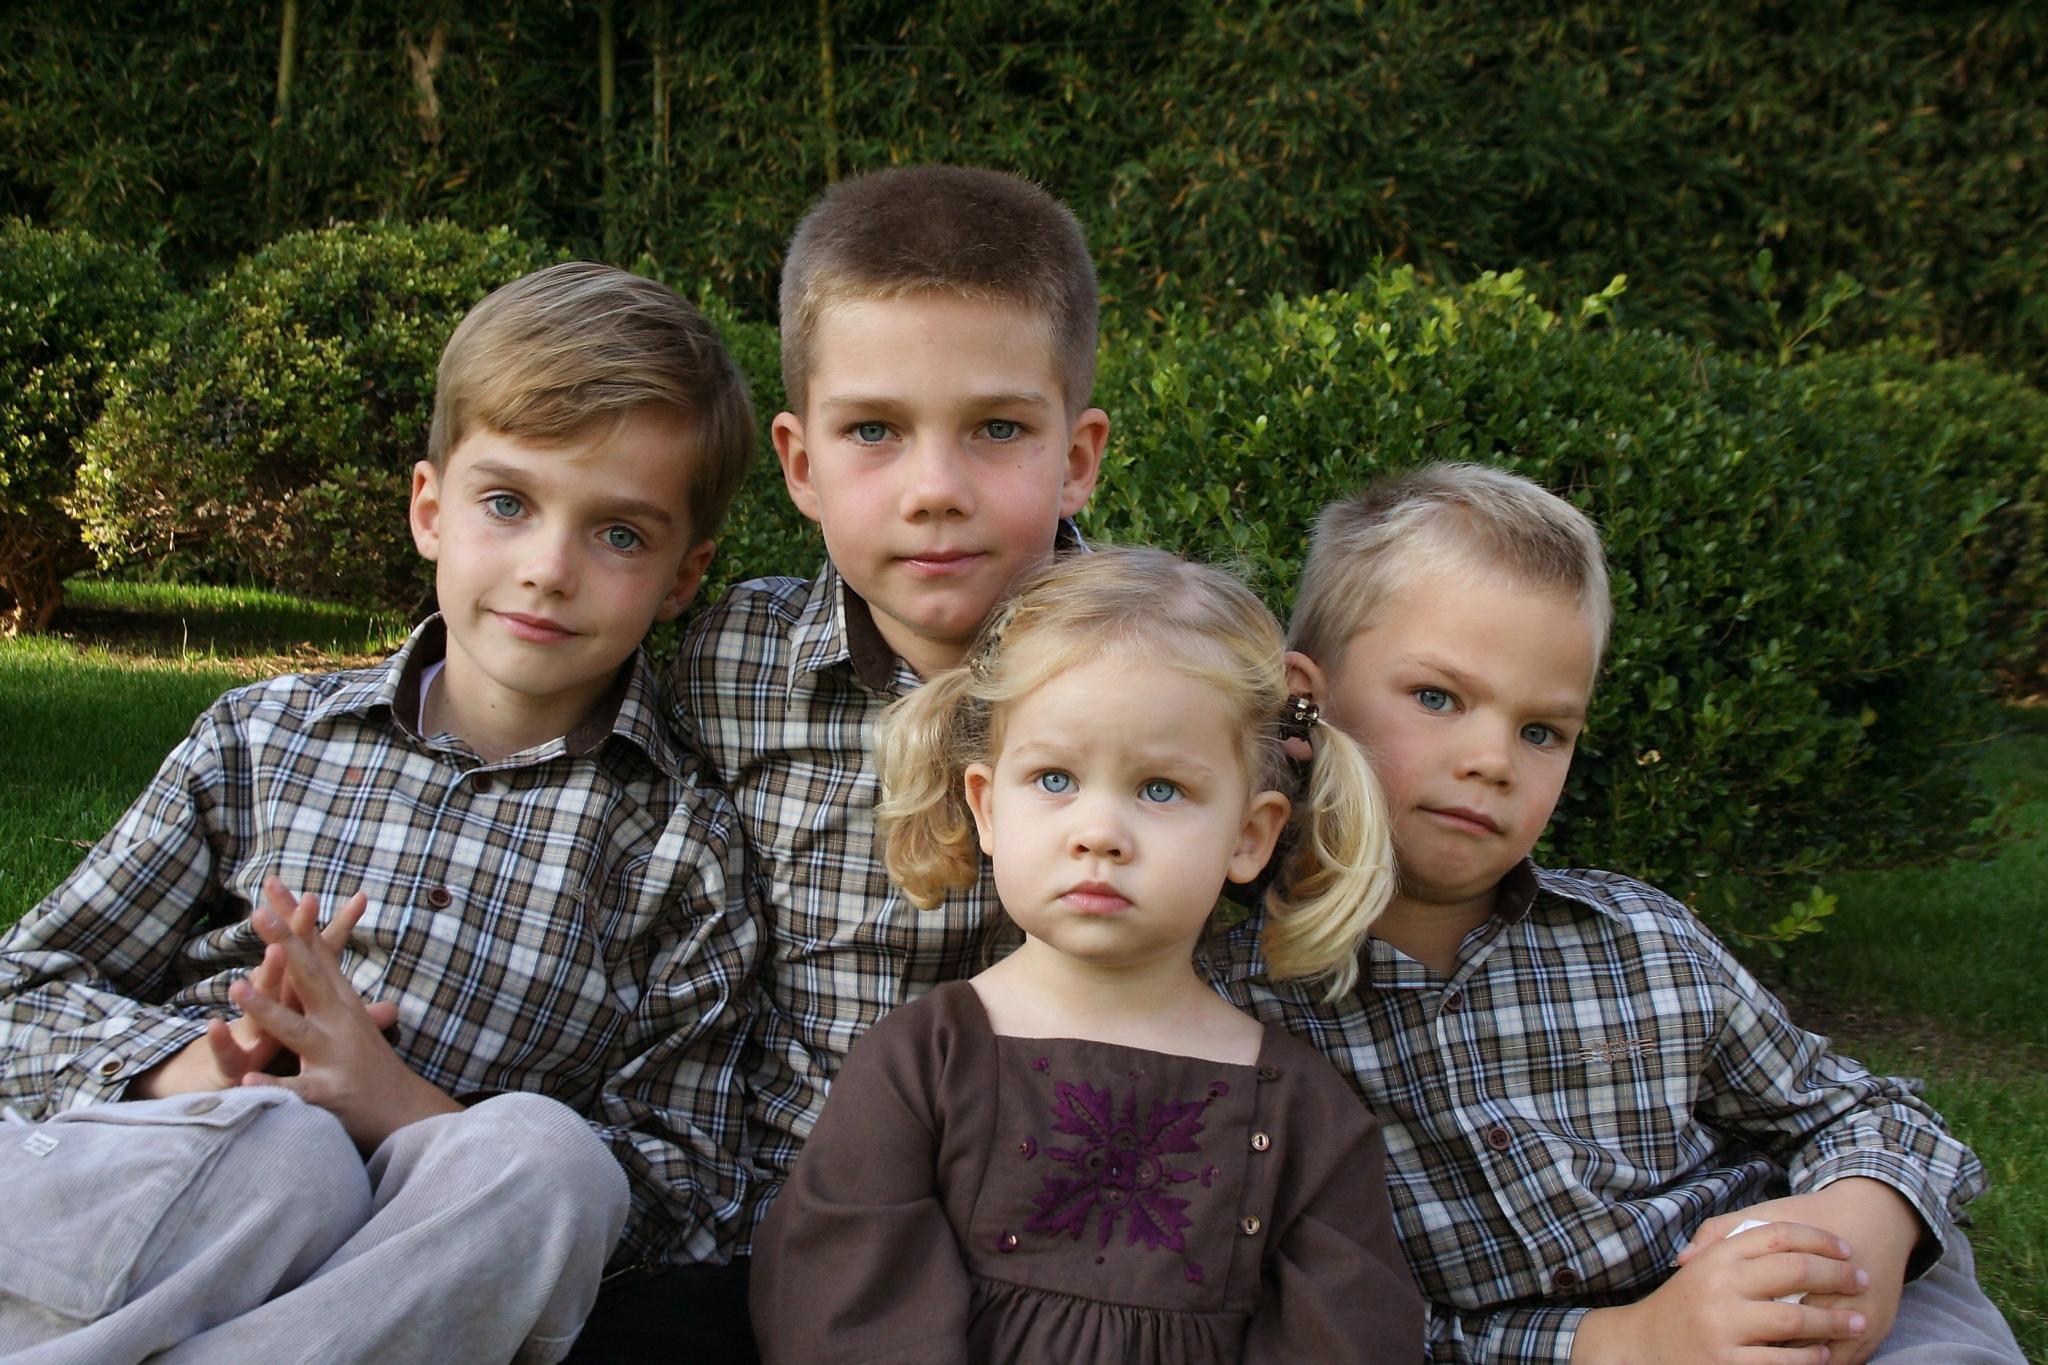 Drei Söhne (Pablo, Juan, Miguel) und zum Abschluss noch eine kleine Tochter, Irene: Diese vier komplettierten das Familienglück von Cristina und Inaki - und verschafften den beiden große Zustimmung bei öffentlichen Auftritten. (Archivbild von 2007)